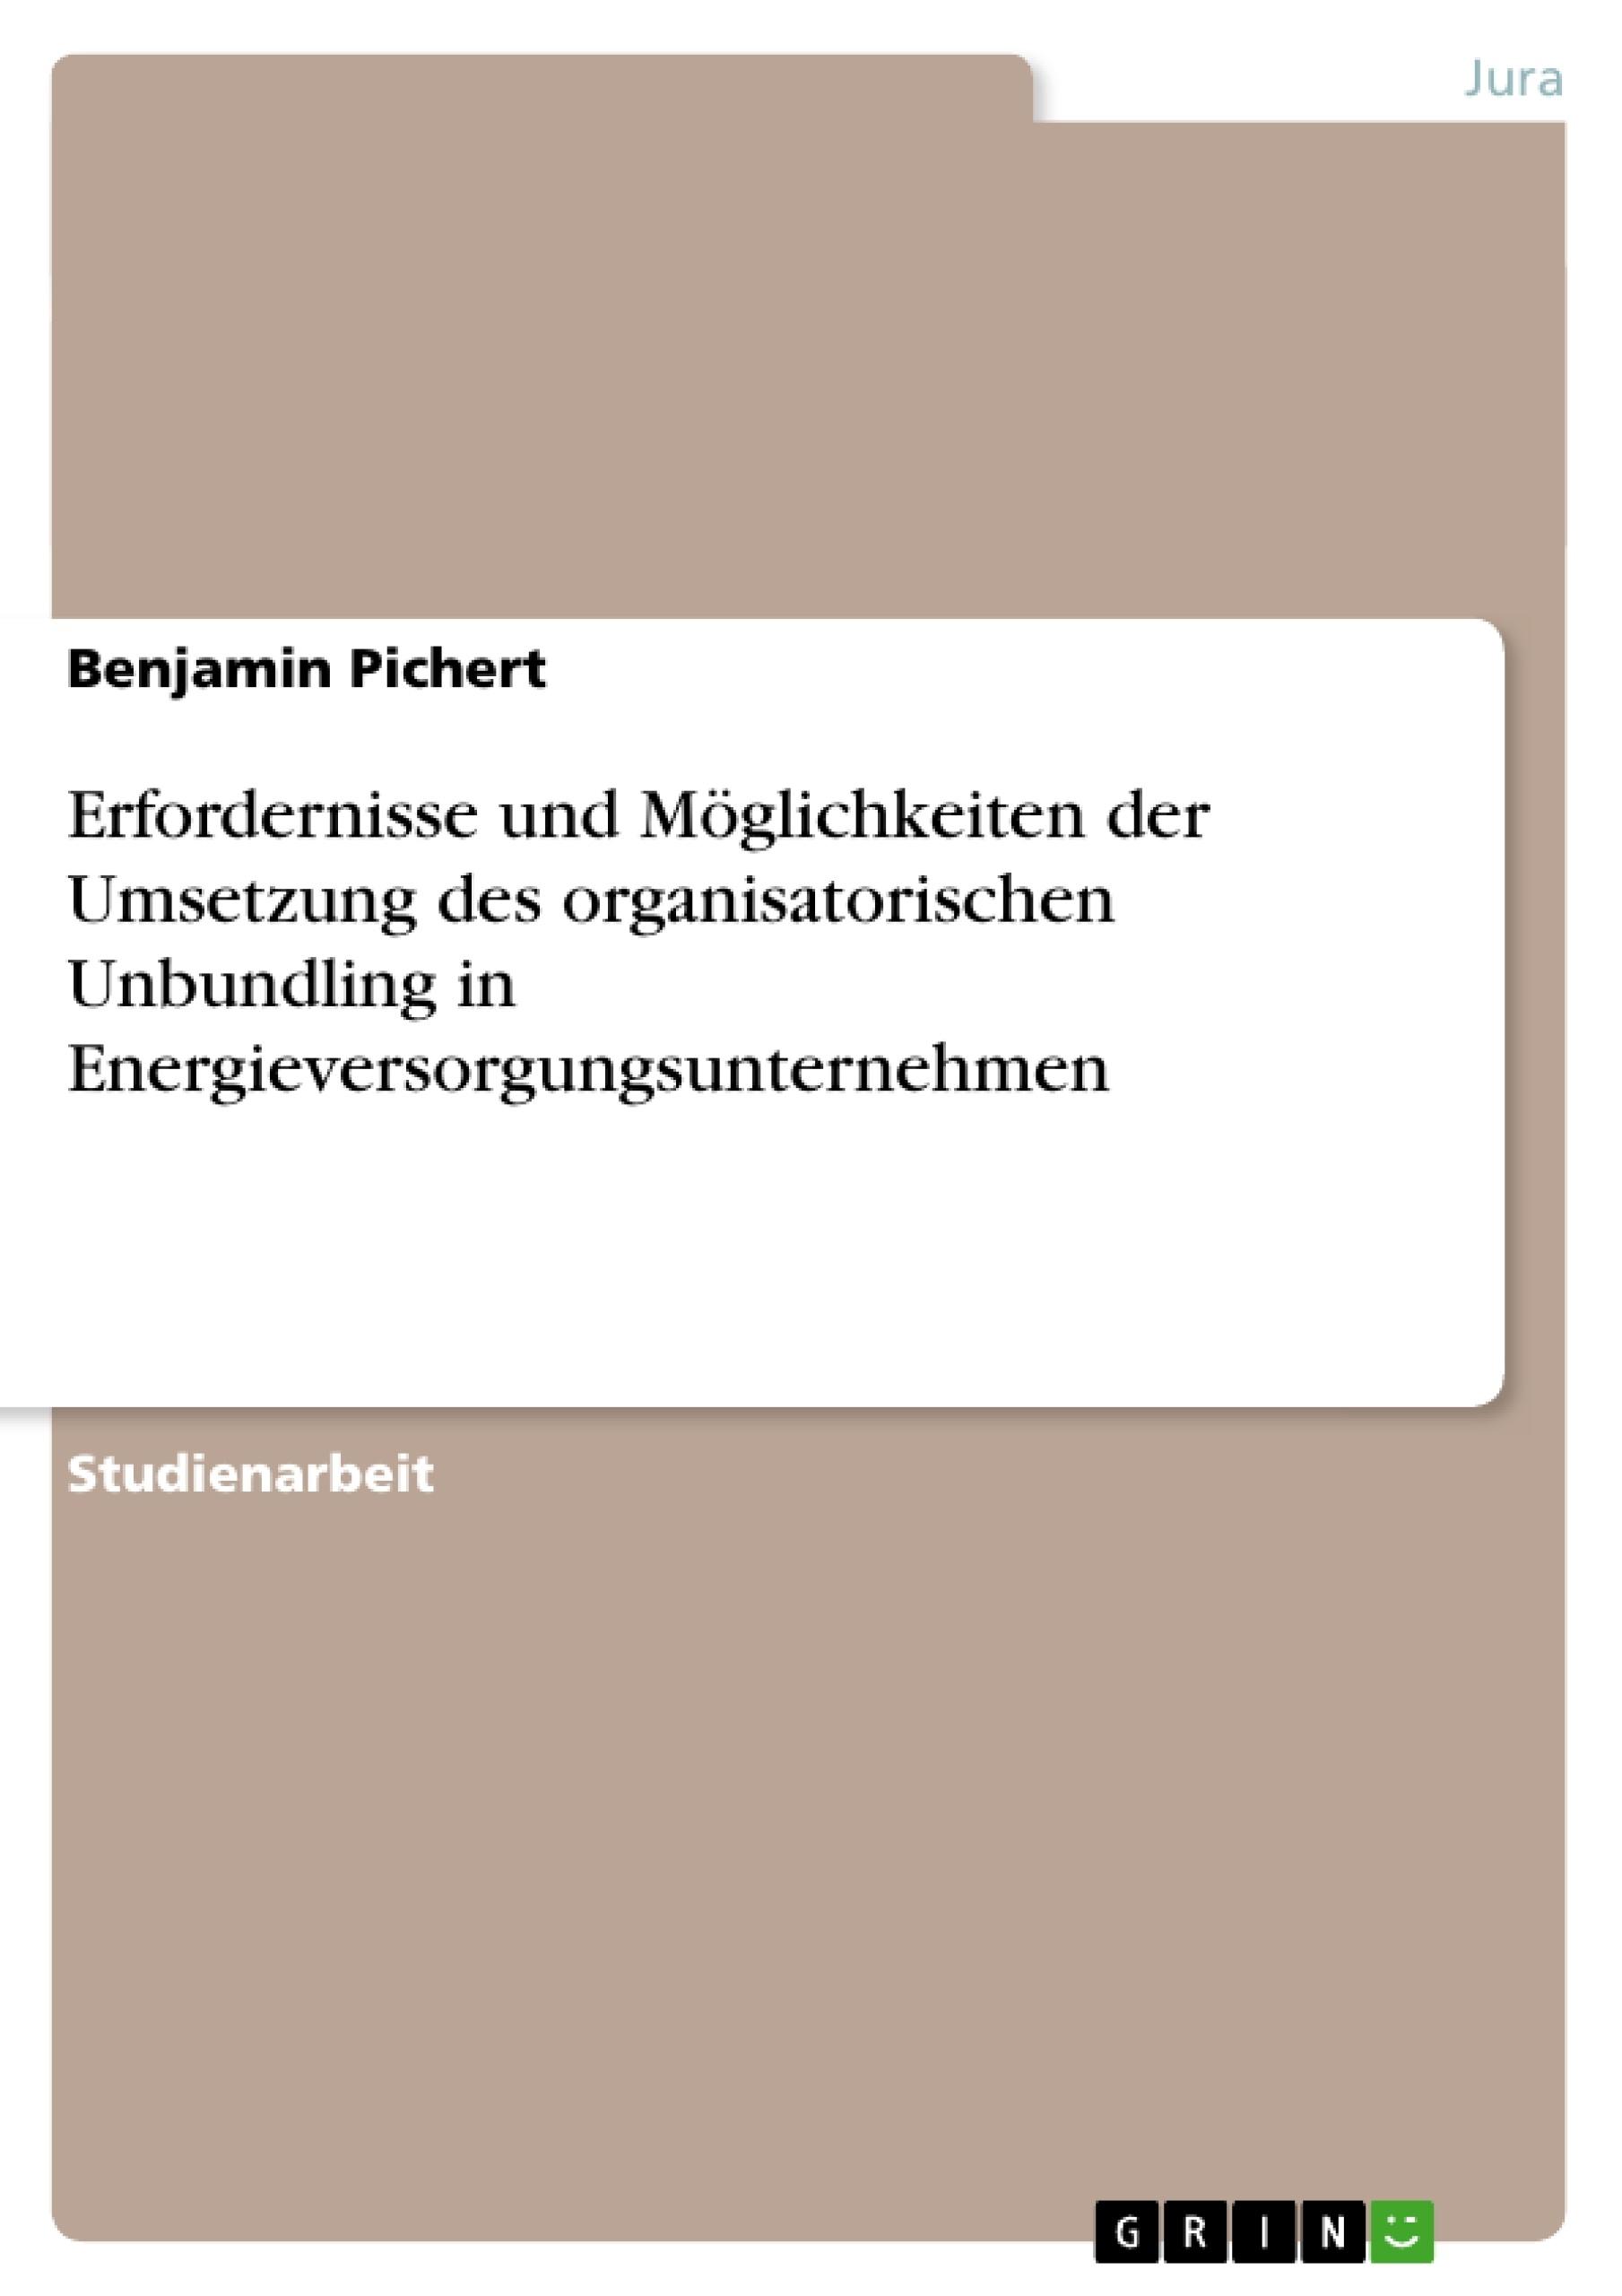 Titel: Erfordernisse und Möglichkeiten der Umsetzung des organisatorischen Unbundling in Energieversorgungsunternehmen